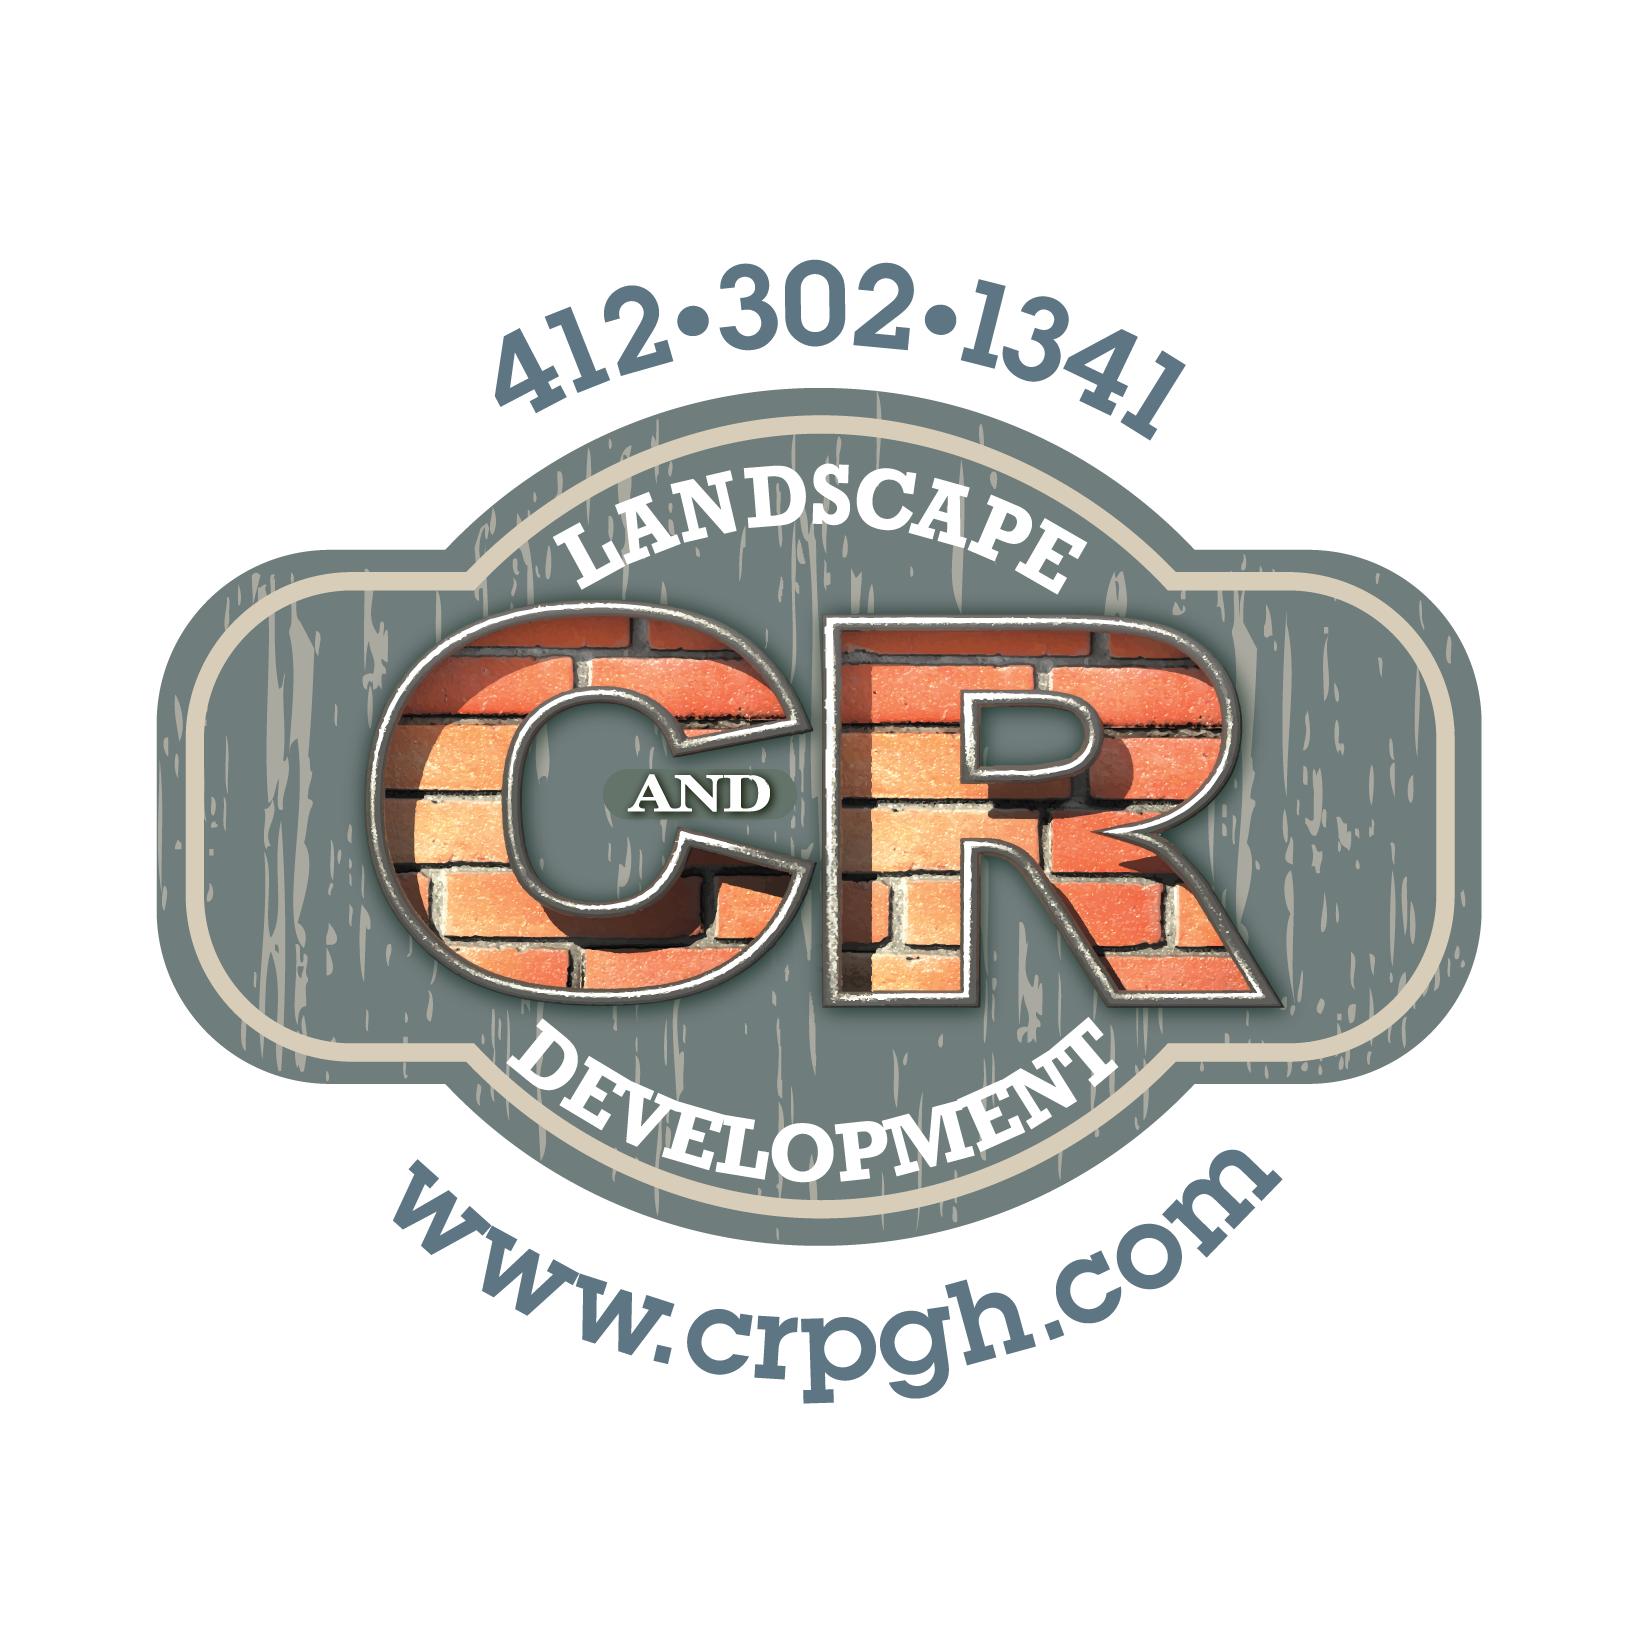 C&R Landscape Development